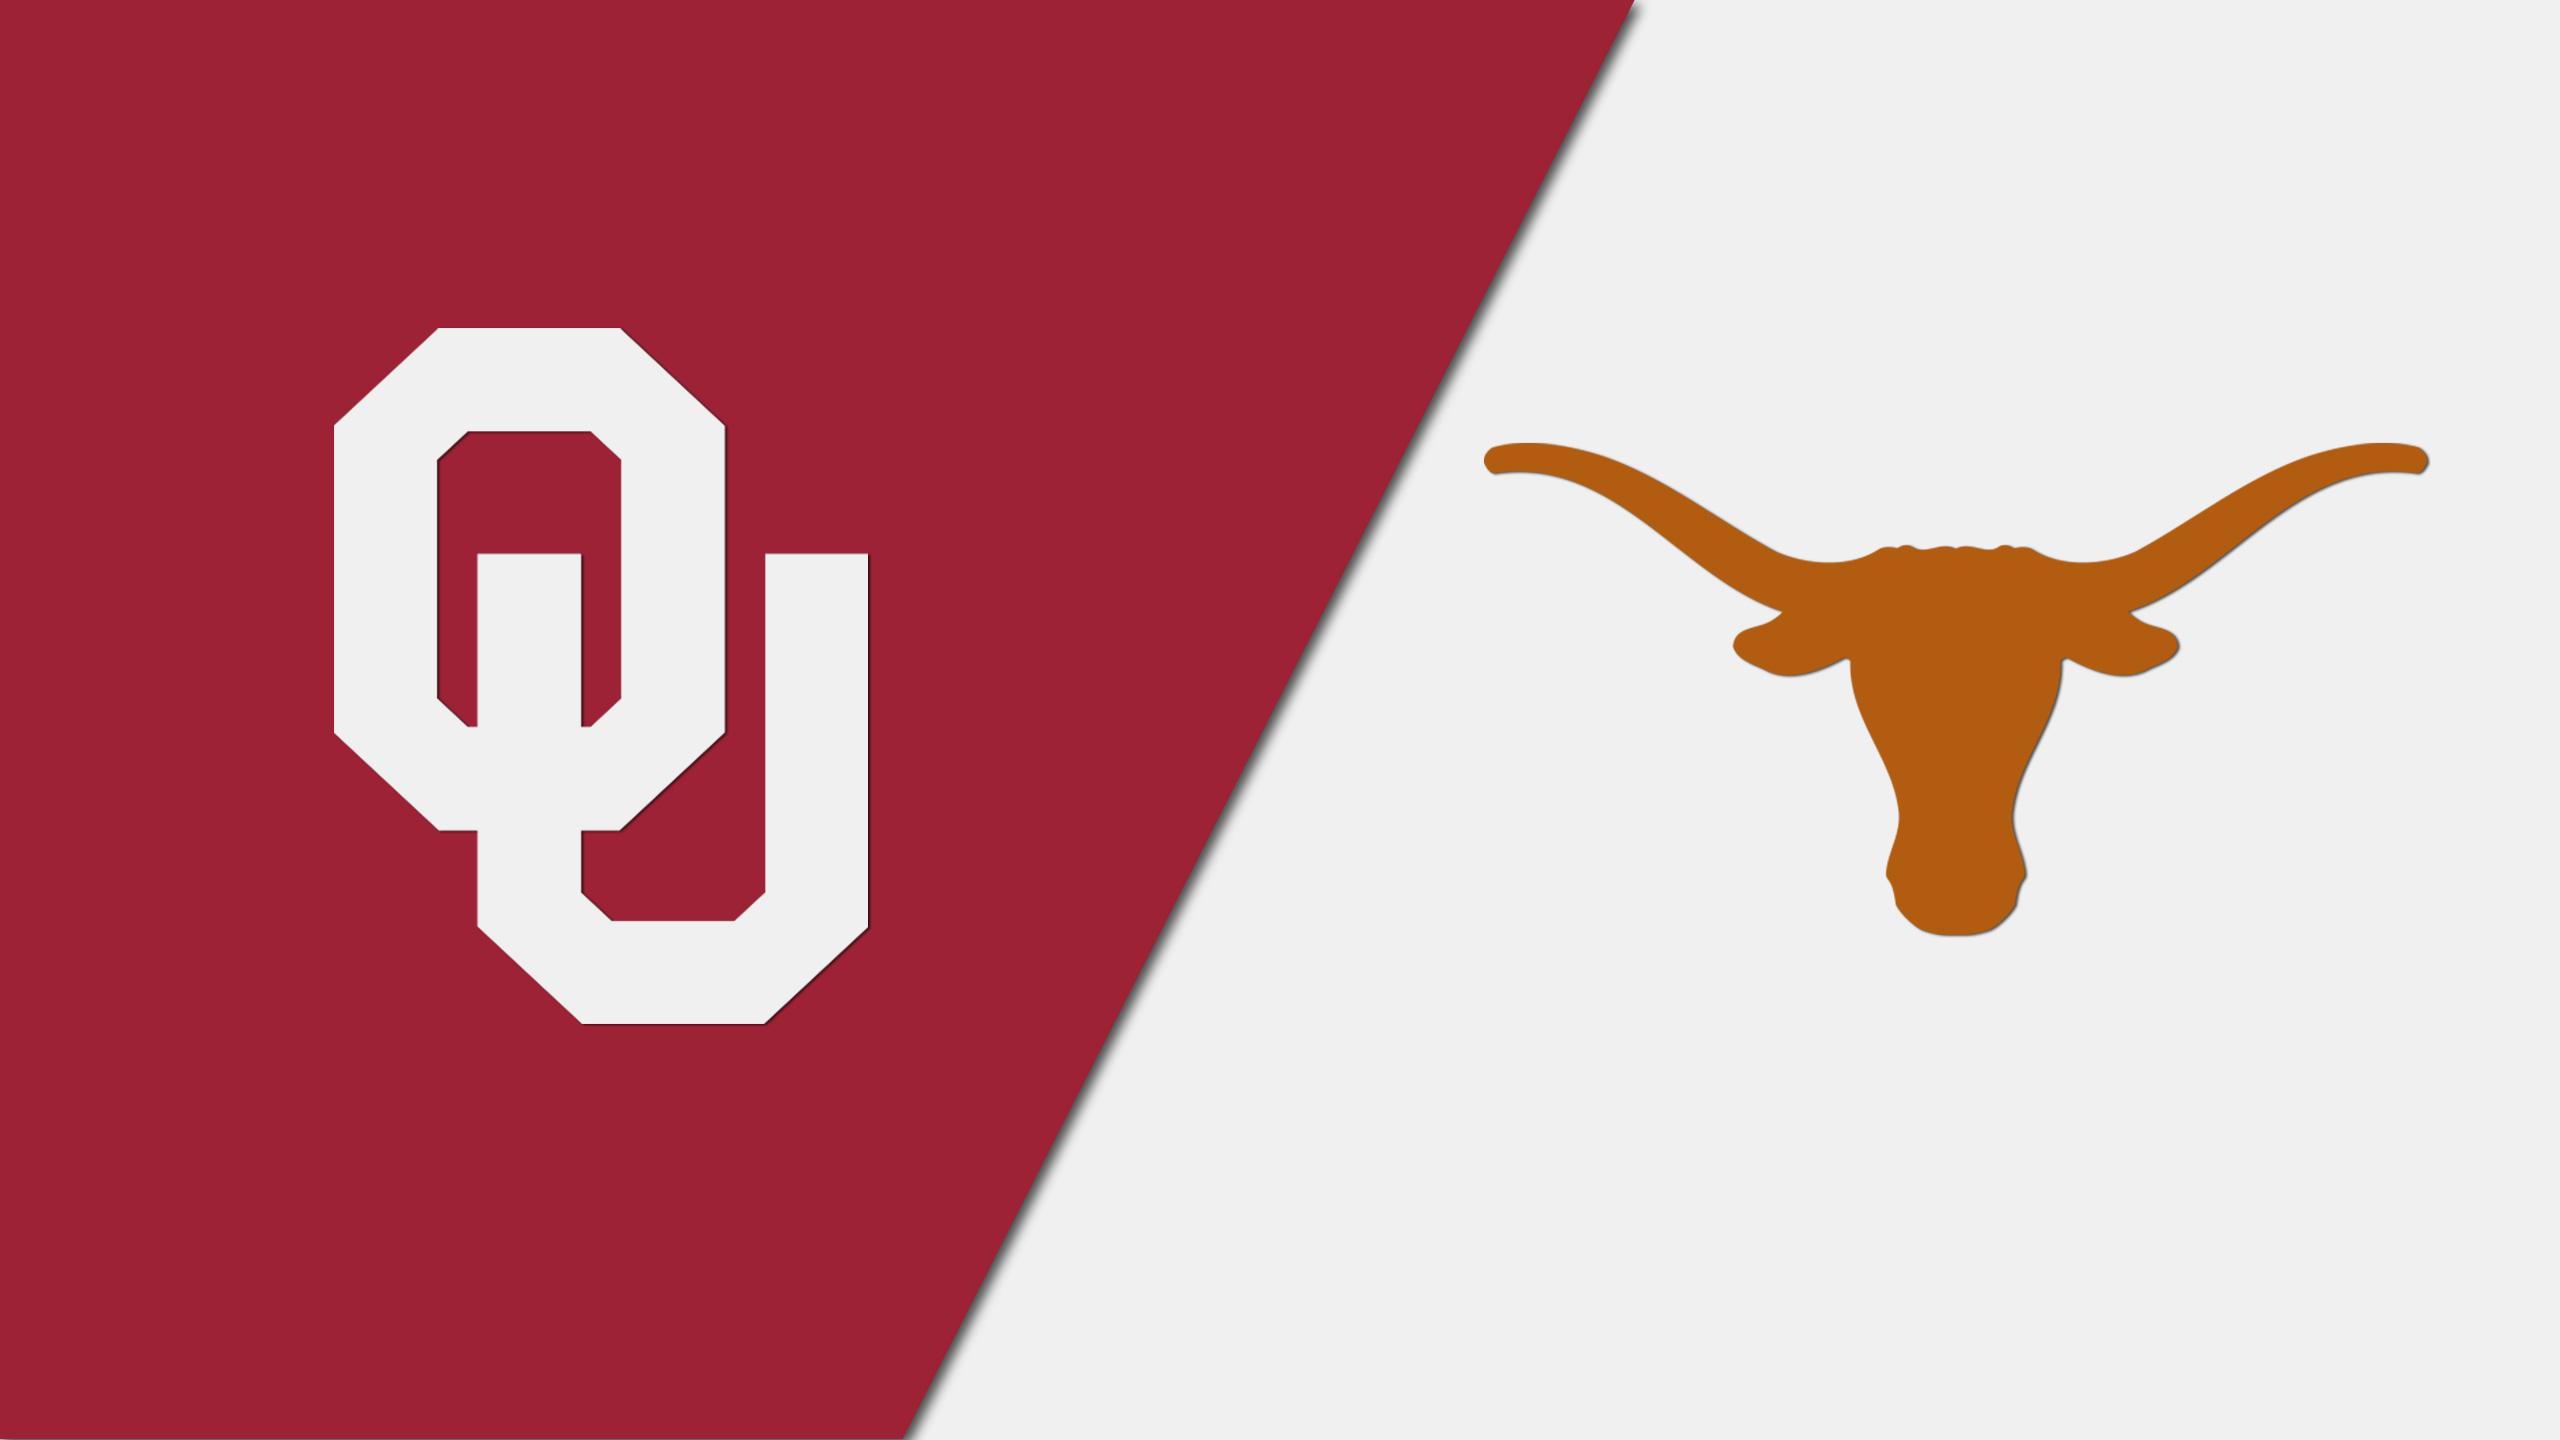 Oklahoma vs. Texas